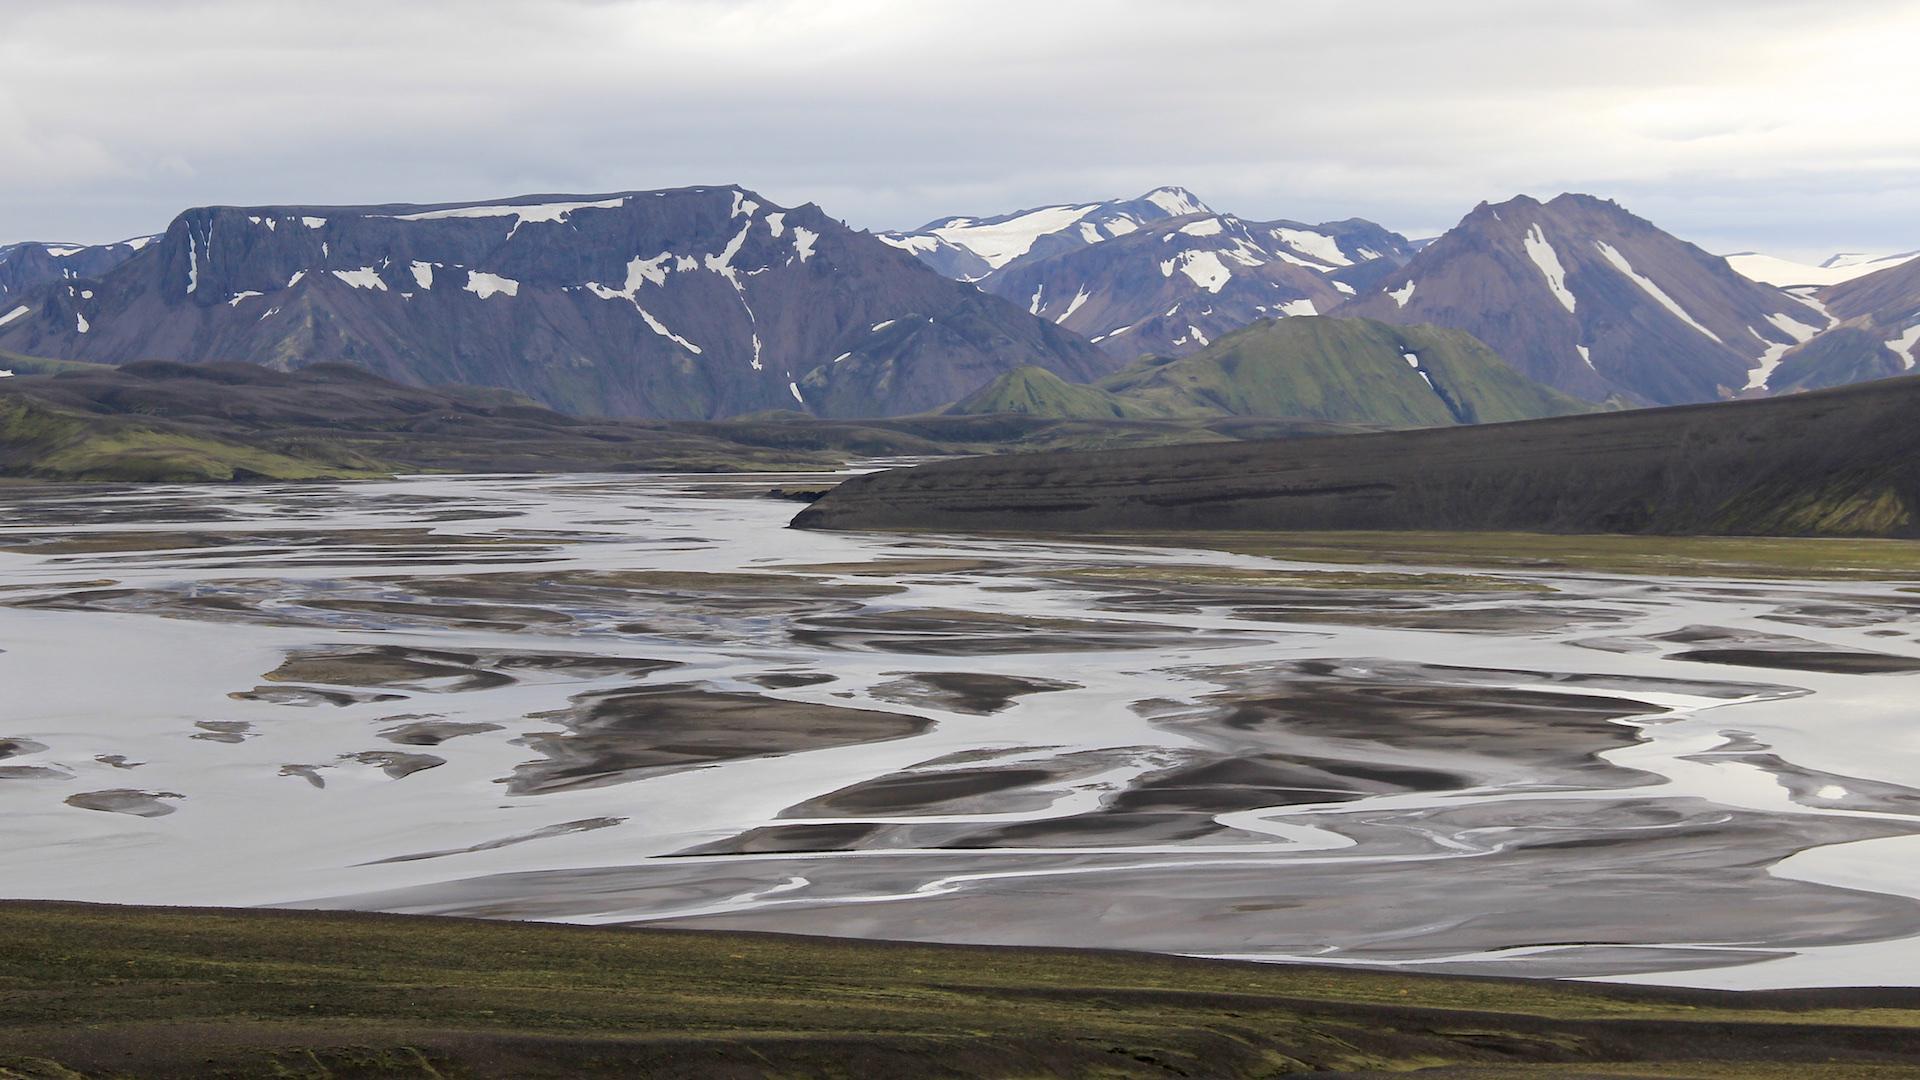 Los 15 destinos en donde los turistas superan a los locales